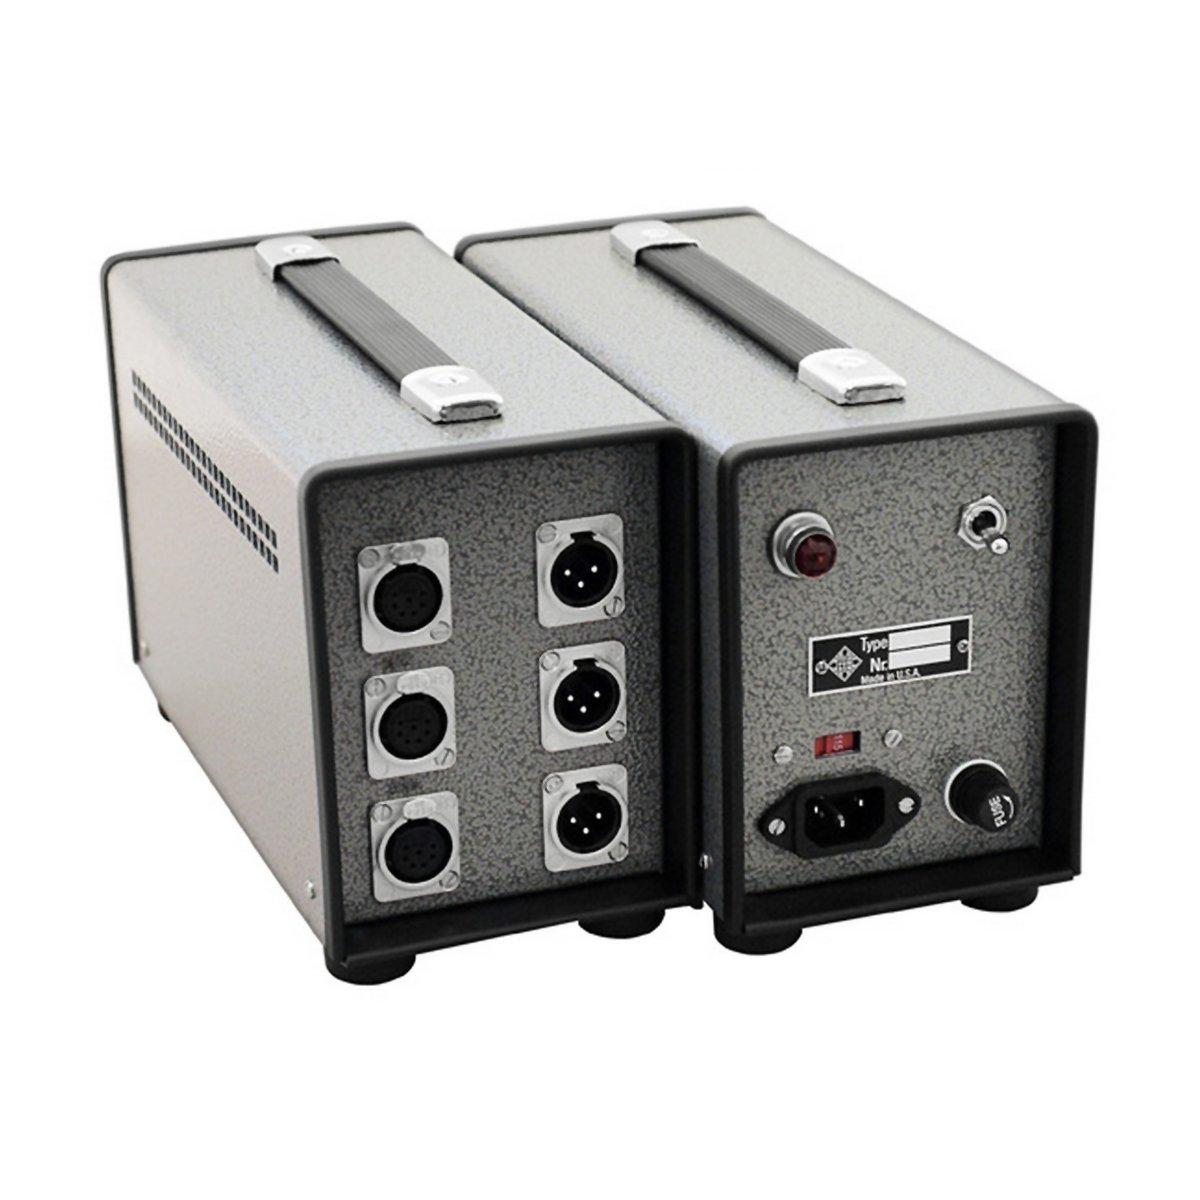 TELEFUNKEN Elektroakustik M 963 | 3 Channel Power Supply for ELA M 260 / CU-29